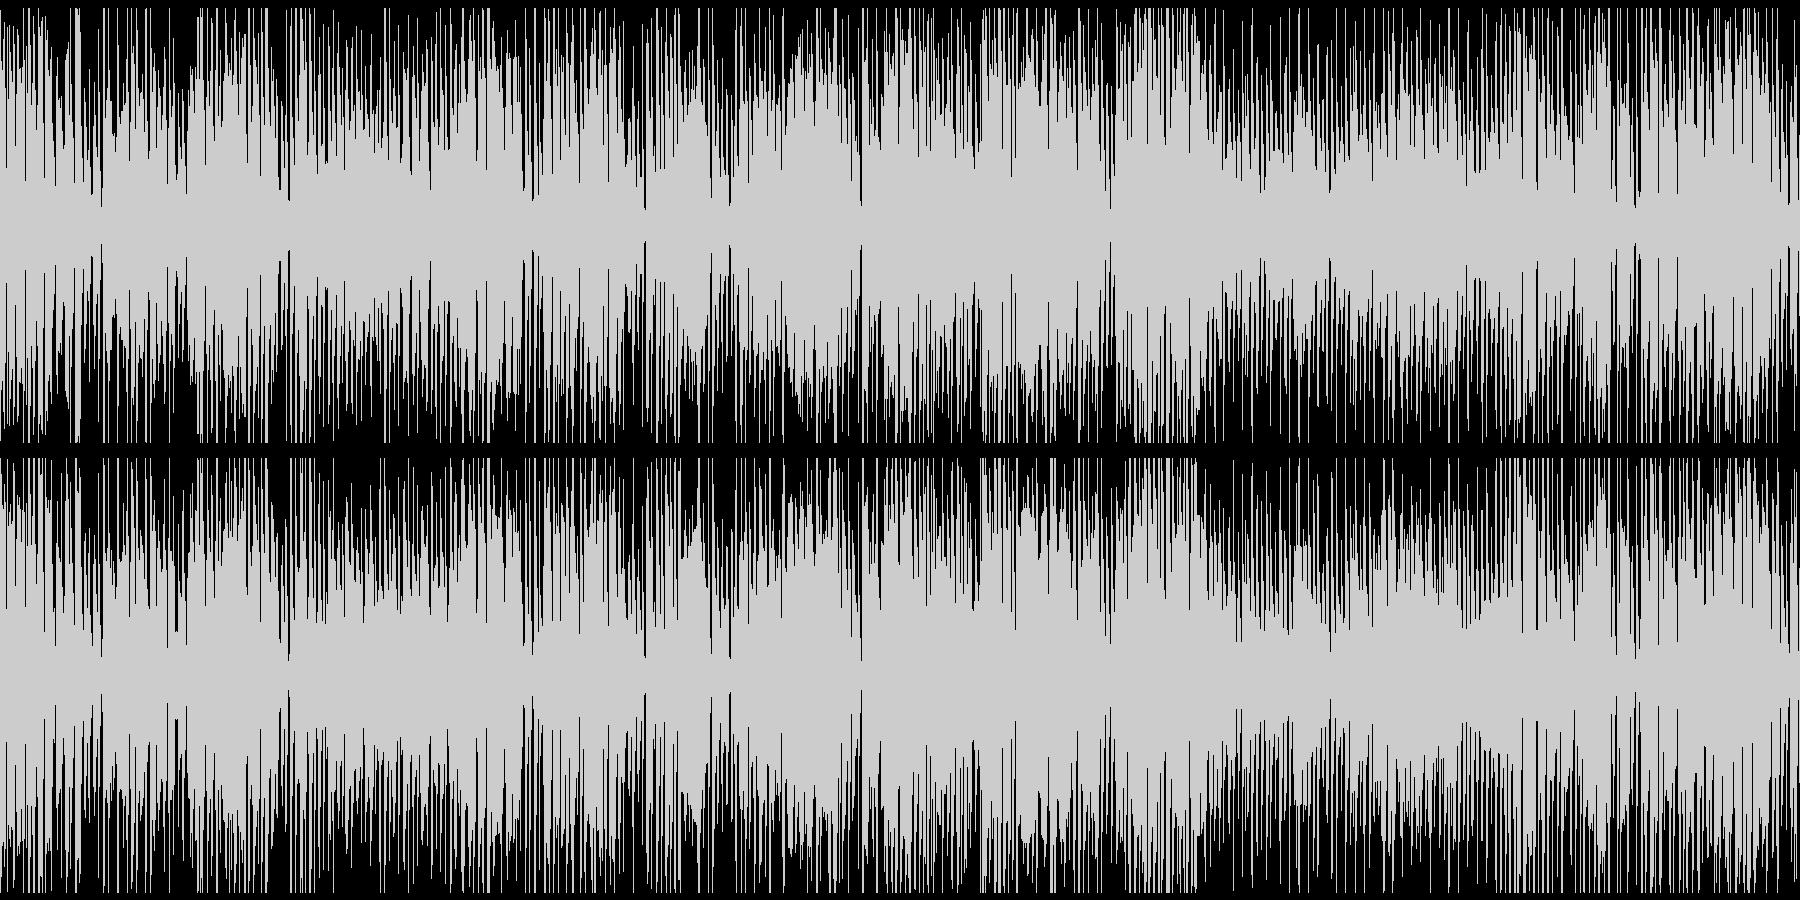 嬉しい気分の軽快ジプシージャズ※ループ版の未再生の波形